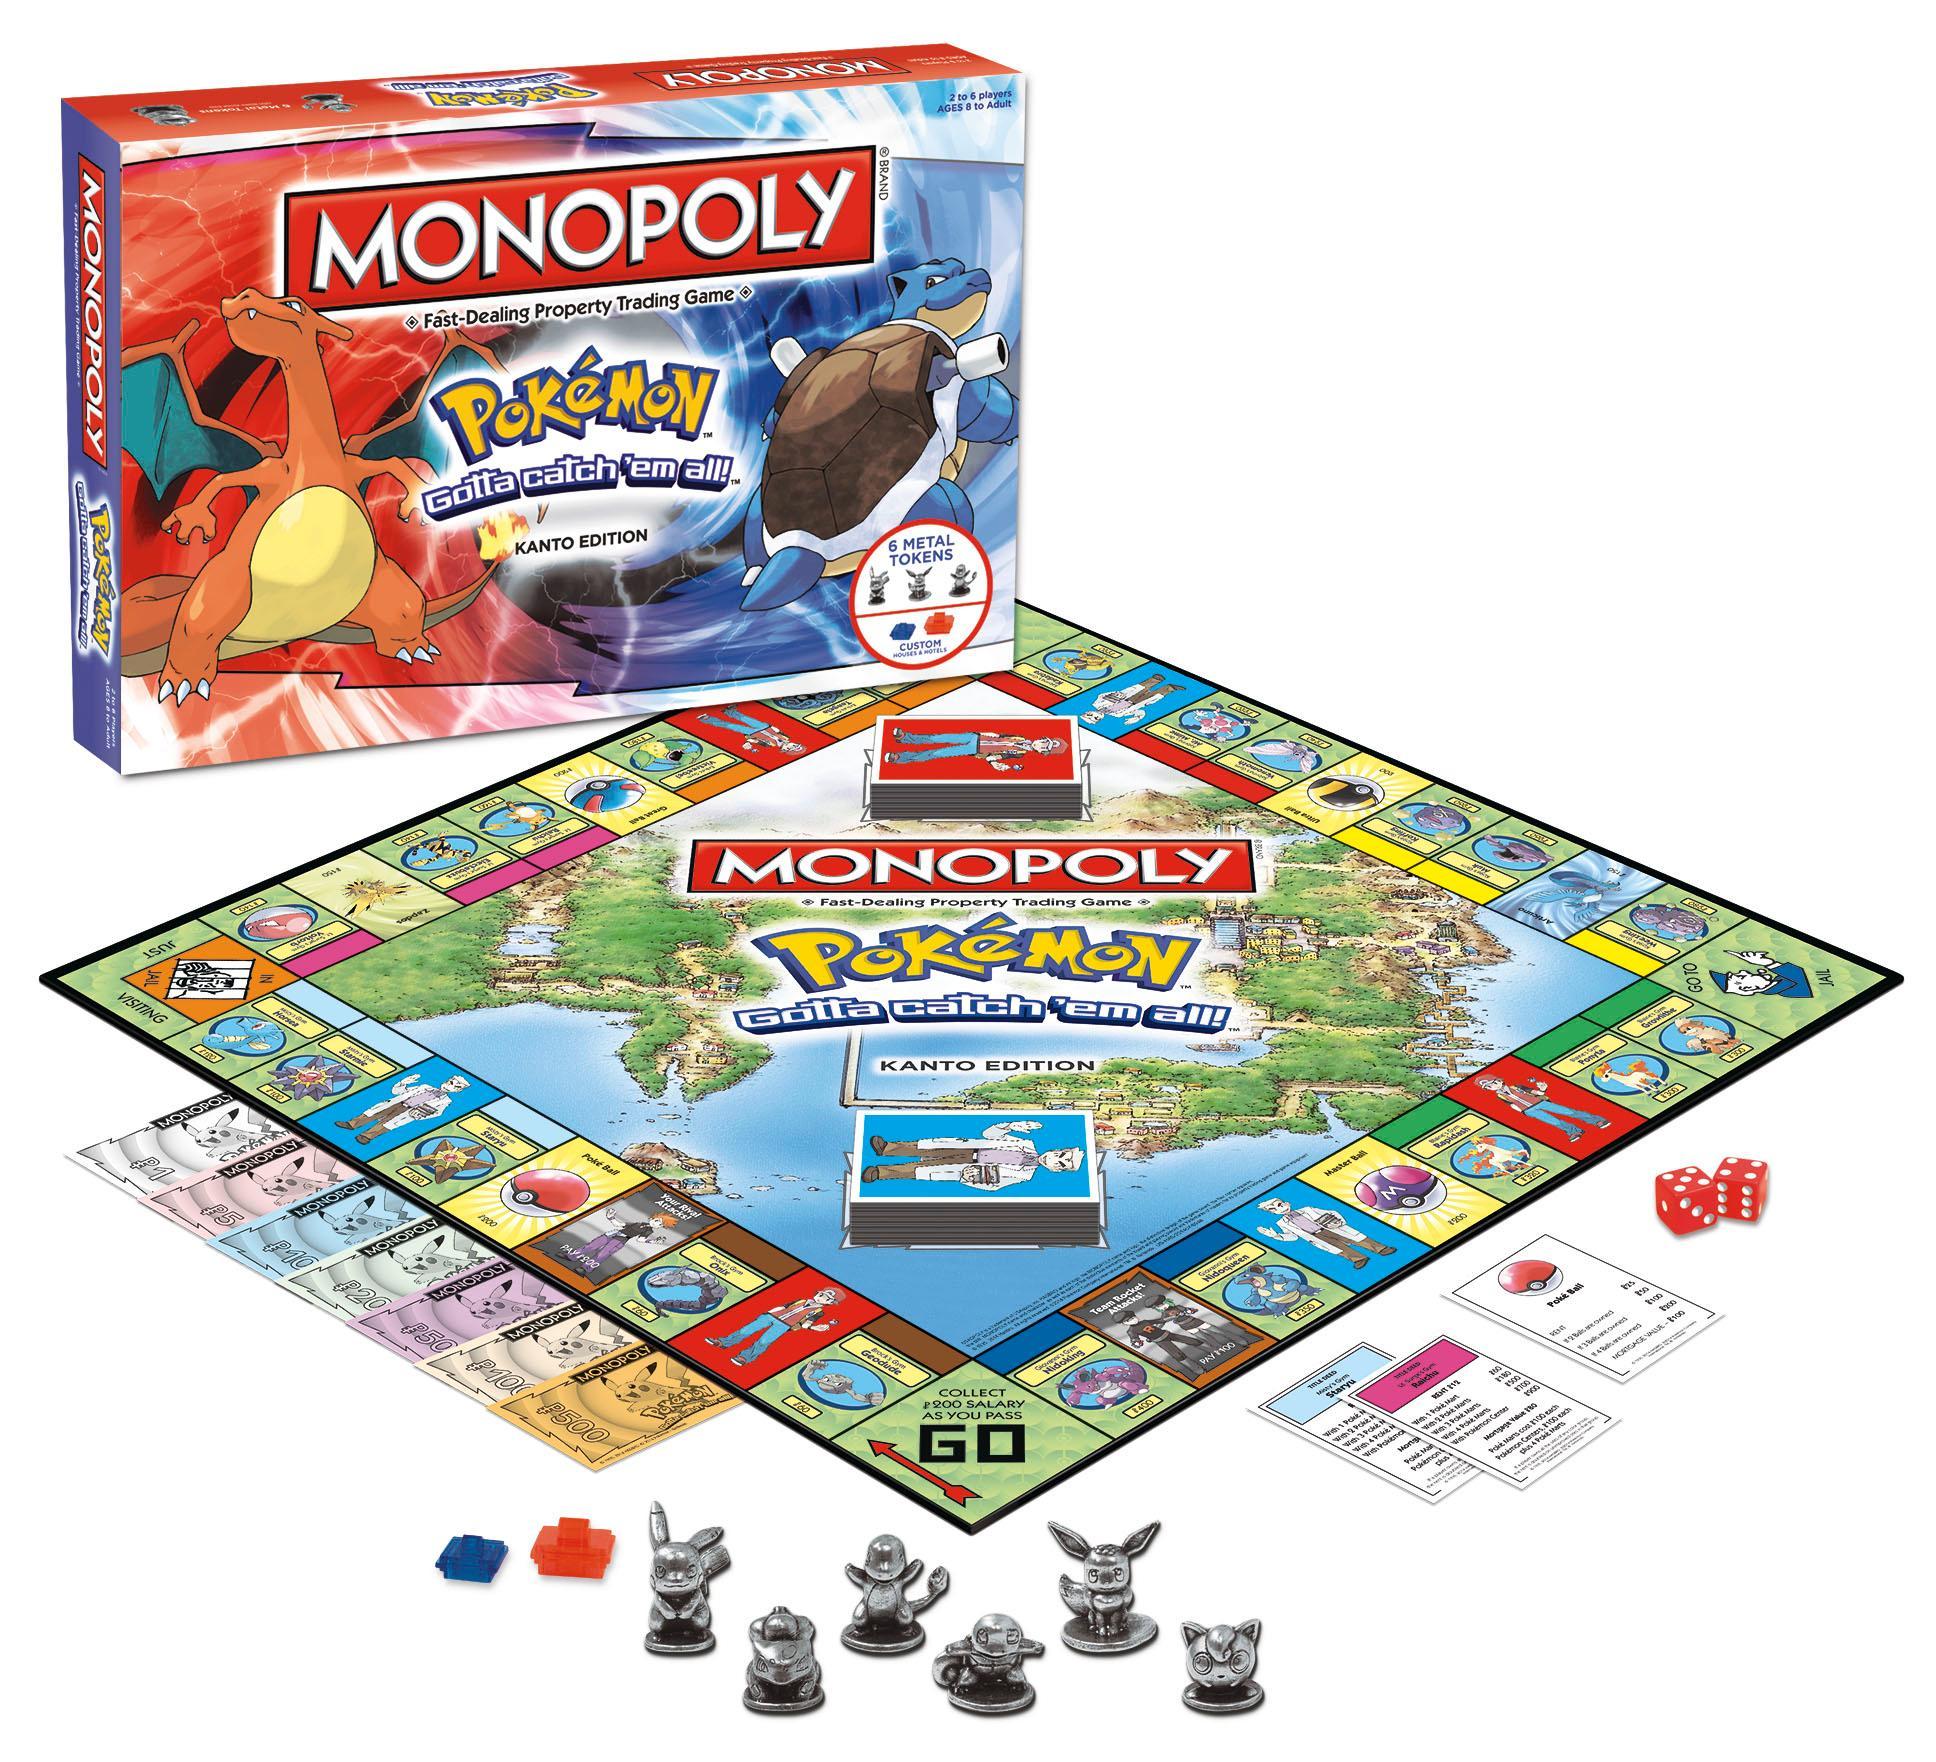 Amazon.com: MONOPOLY: Pokemon Kanto Edition: Game: Toys